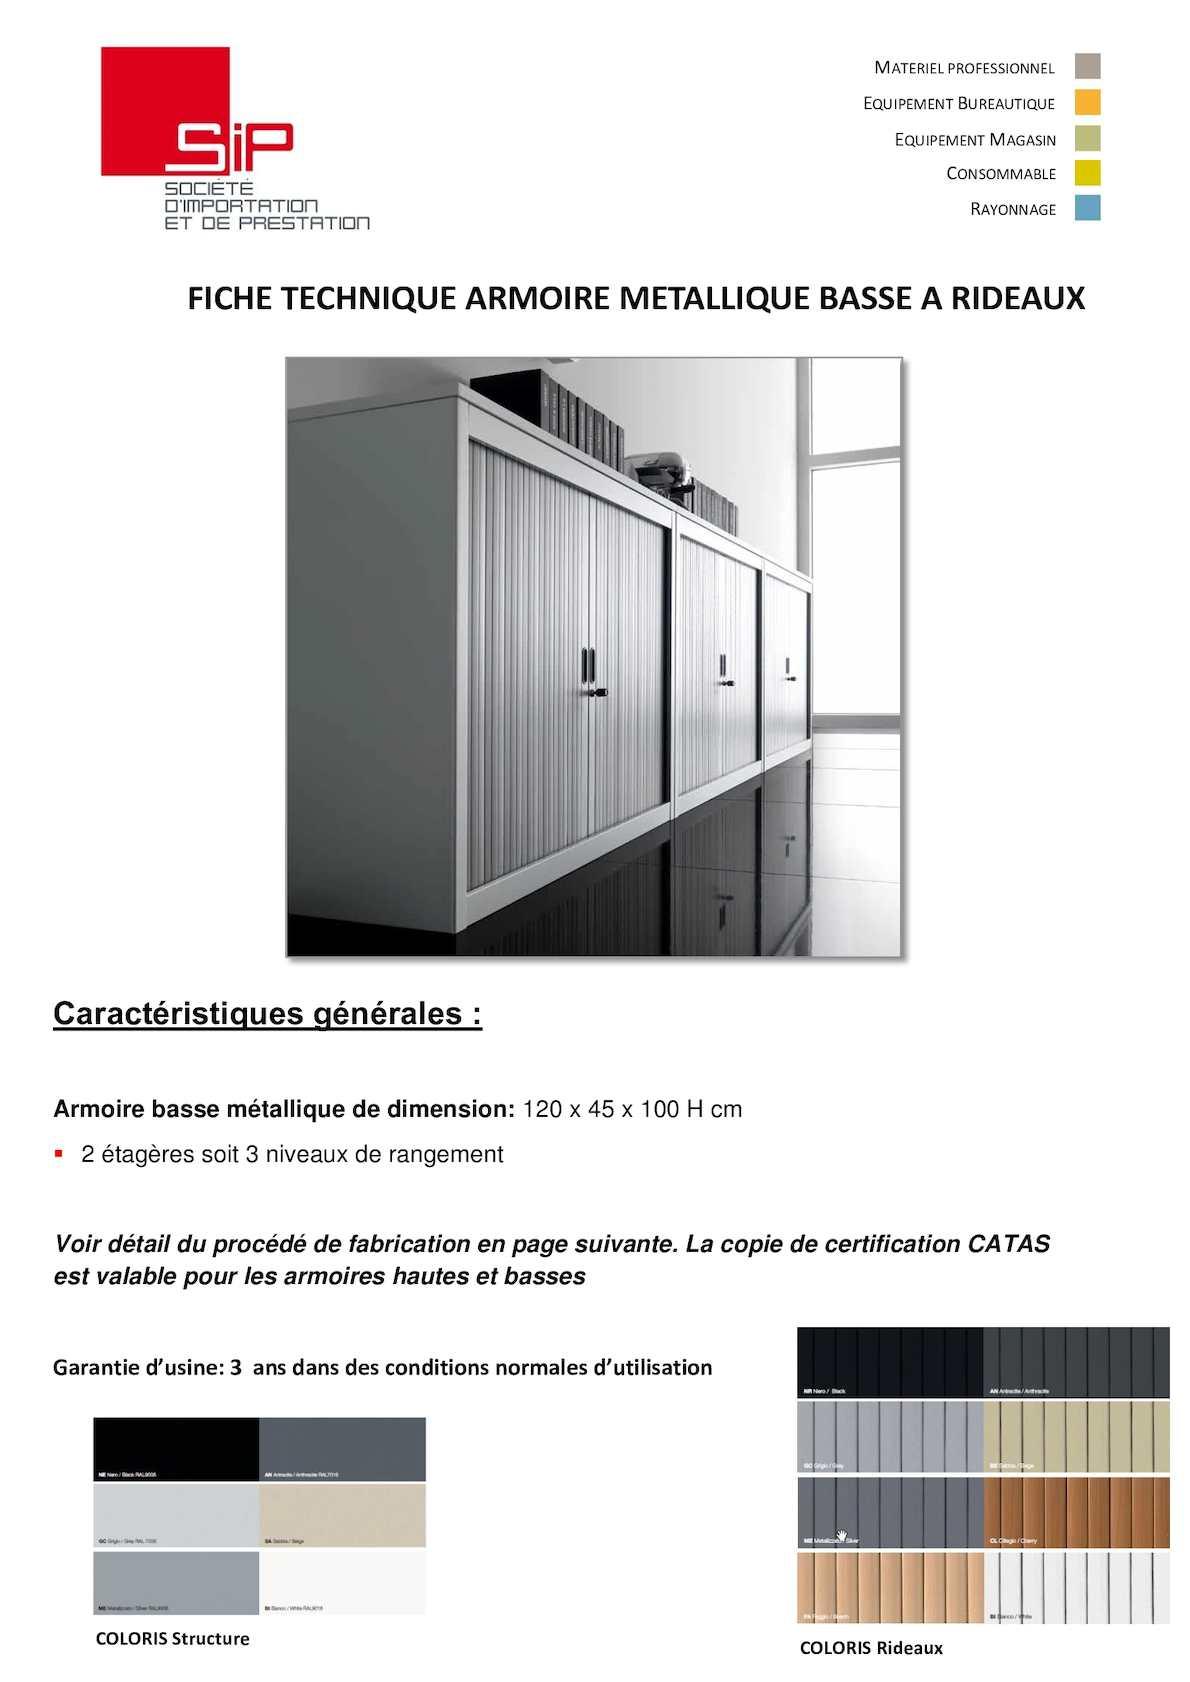 Calaméo - Fiches Techniques Armoires Site